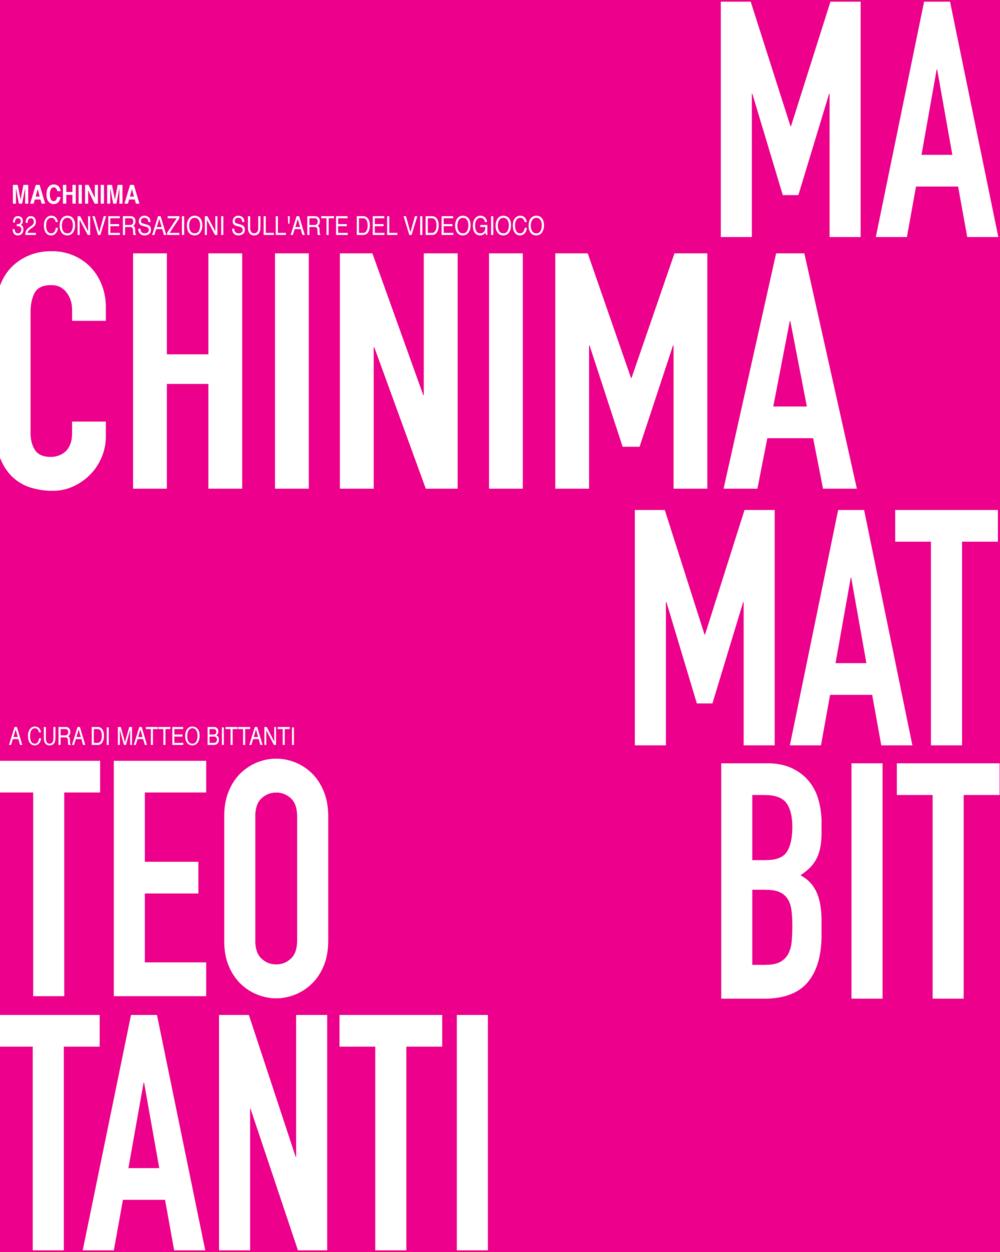 MACHINIMA_MATTEOBITTANTI